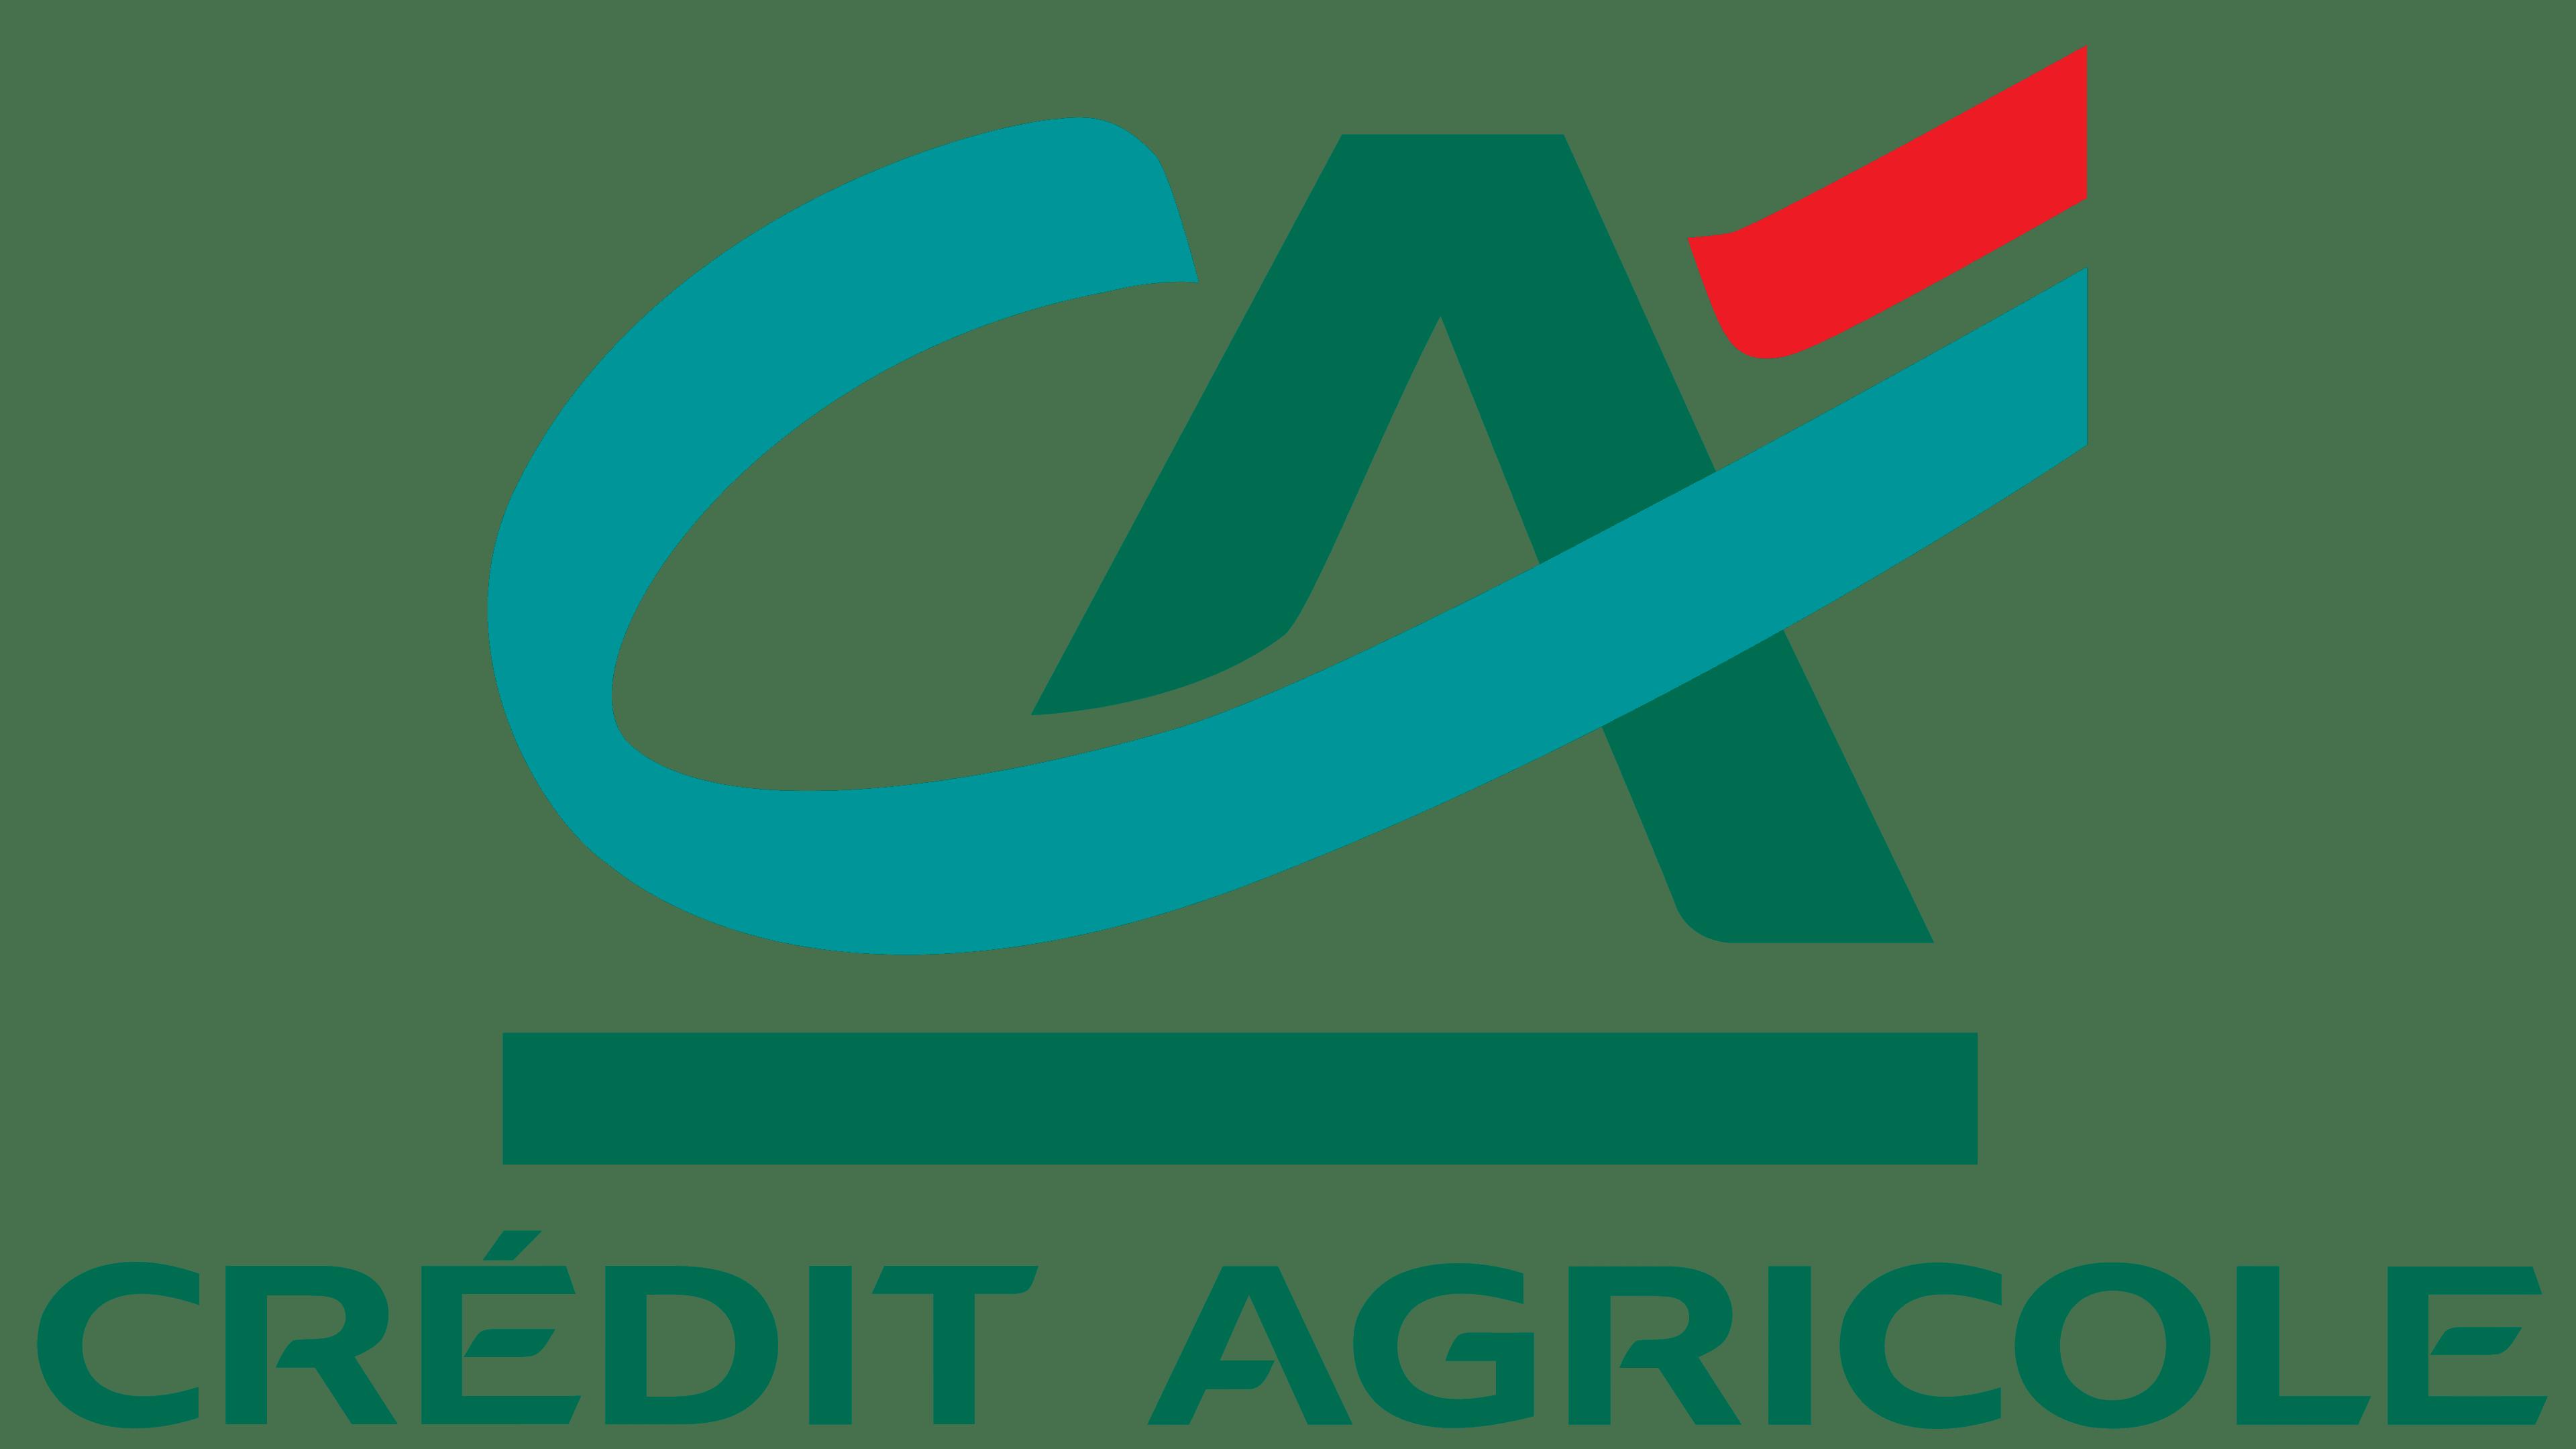 crédit agricol logo